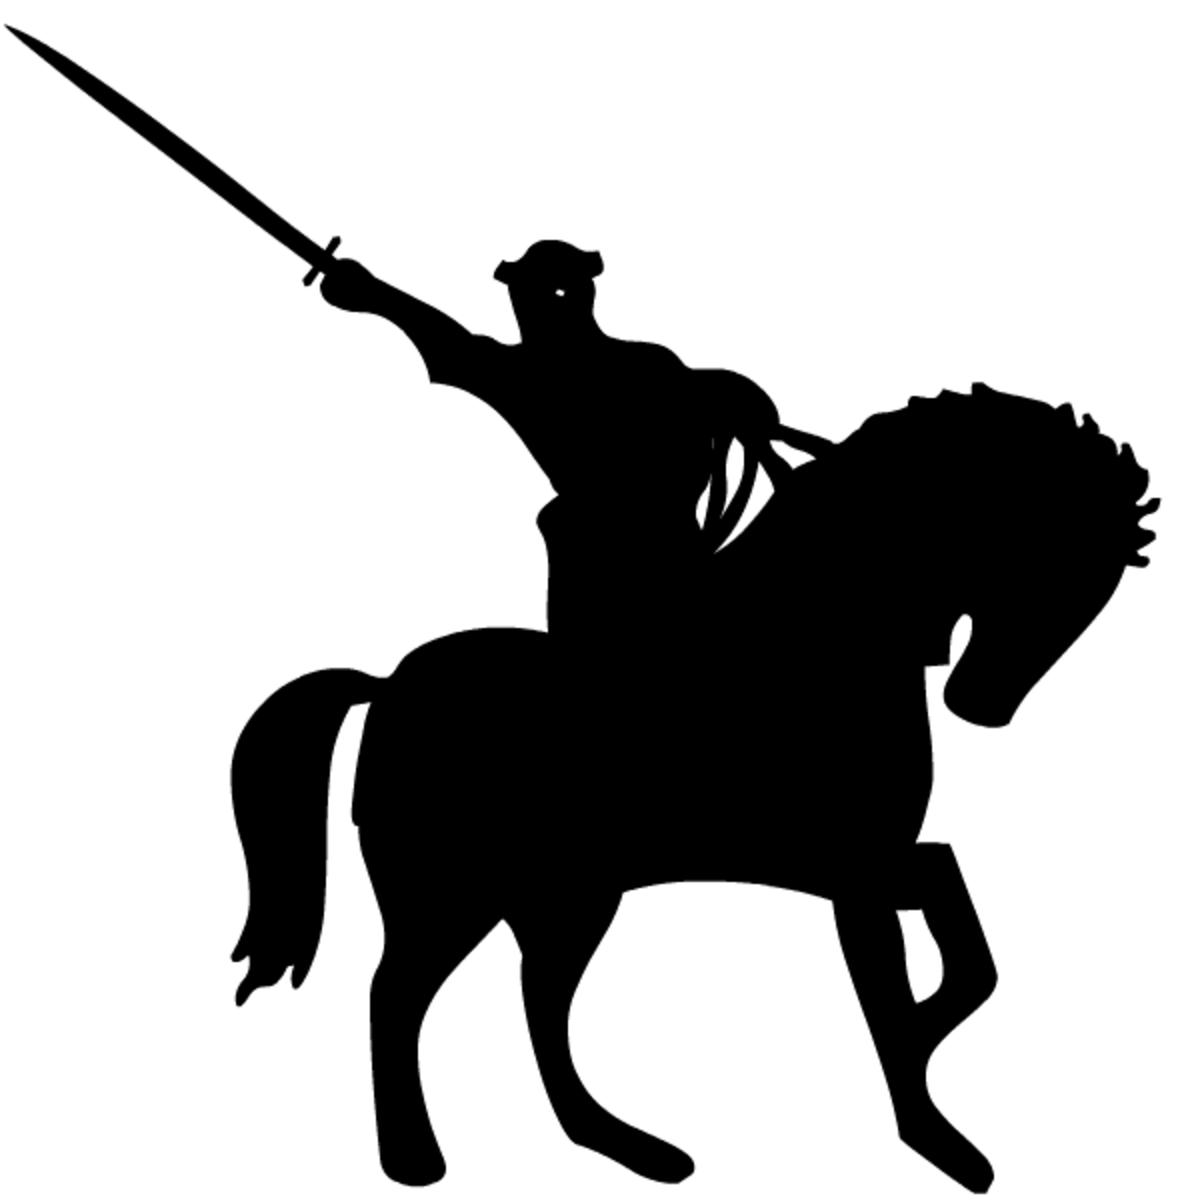 gothic fantasy art knight on horseback